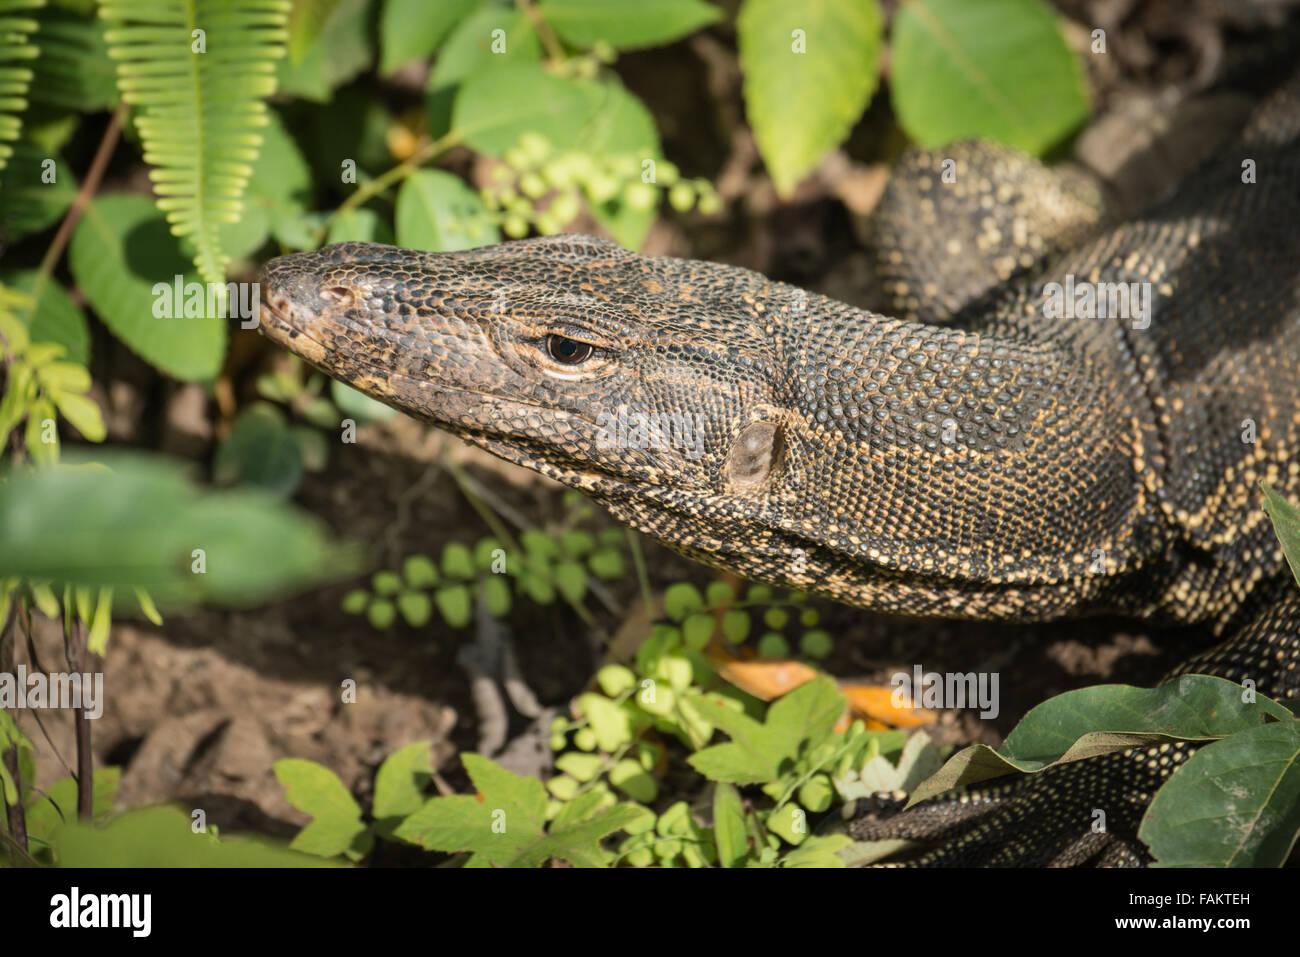 Le moniteur de l'eau (Varanus salvator) est un grand lézard originaire d'Asie du Sud et du sud-est. Photo Stock